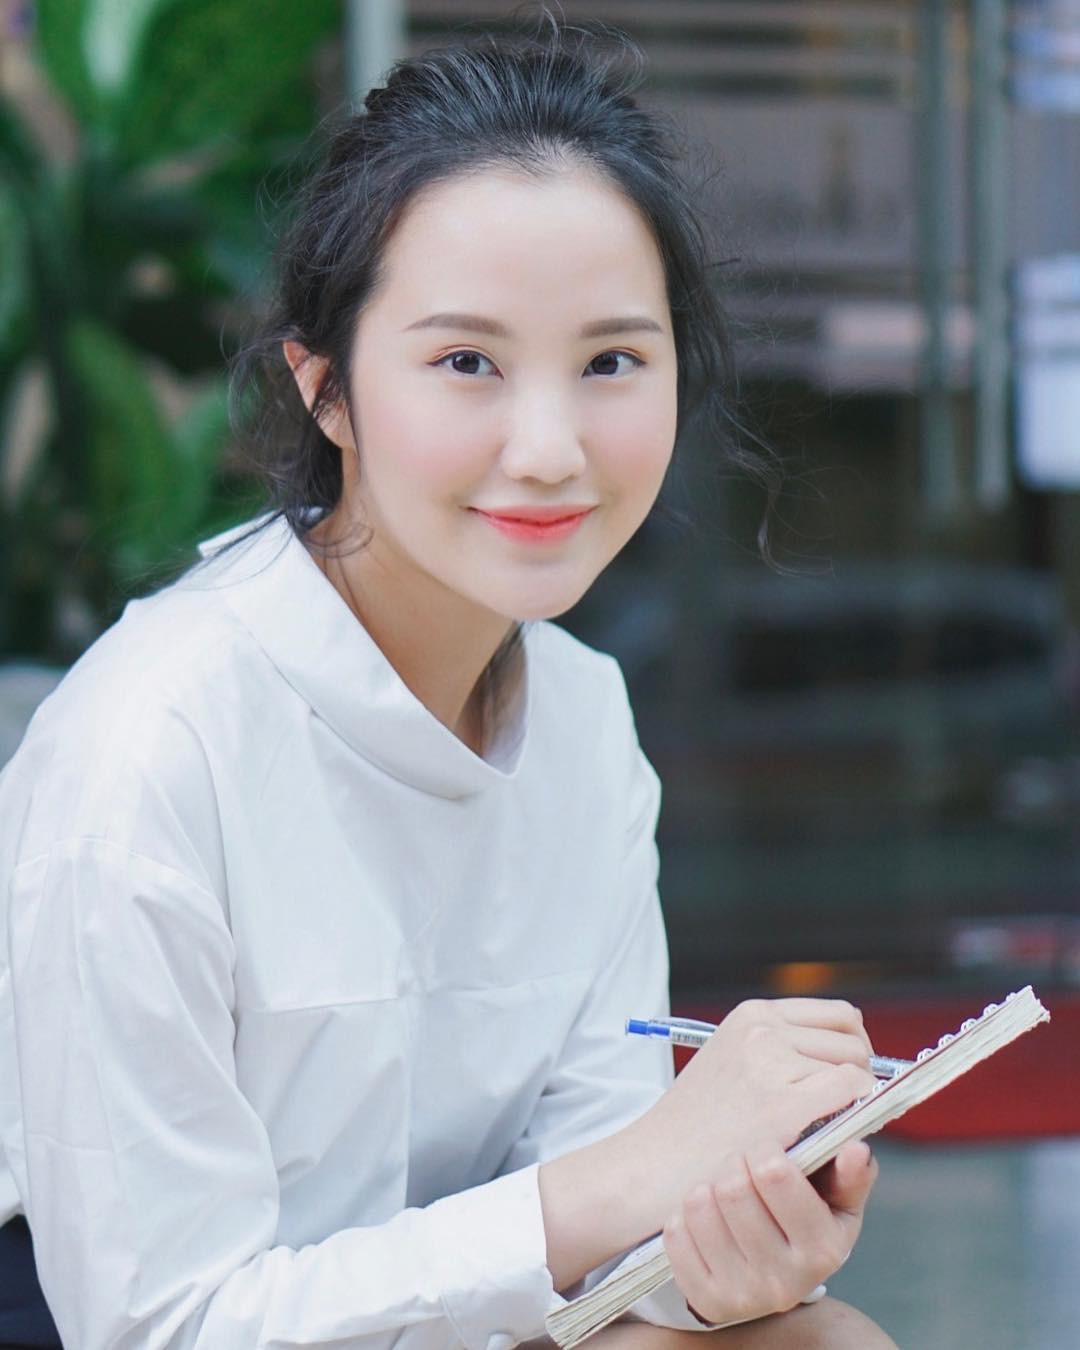 Primmy Trương trả lời câu hỏi trên Instagram: Con gái ngoan, ngon và ngơ có được hạnh phúc không? - Ảnh 2.